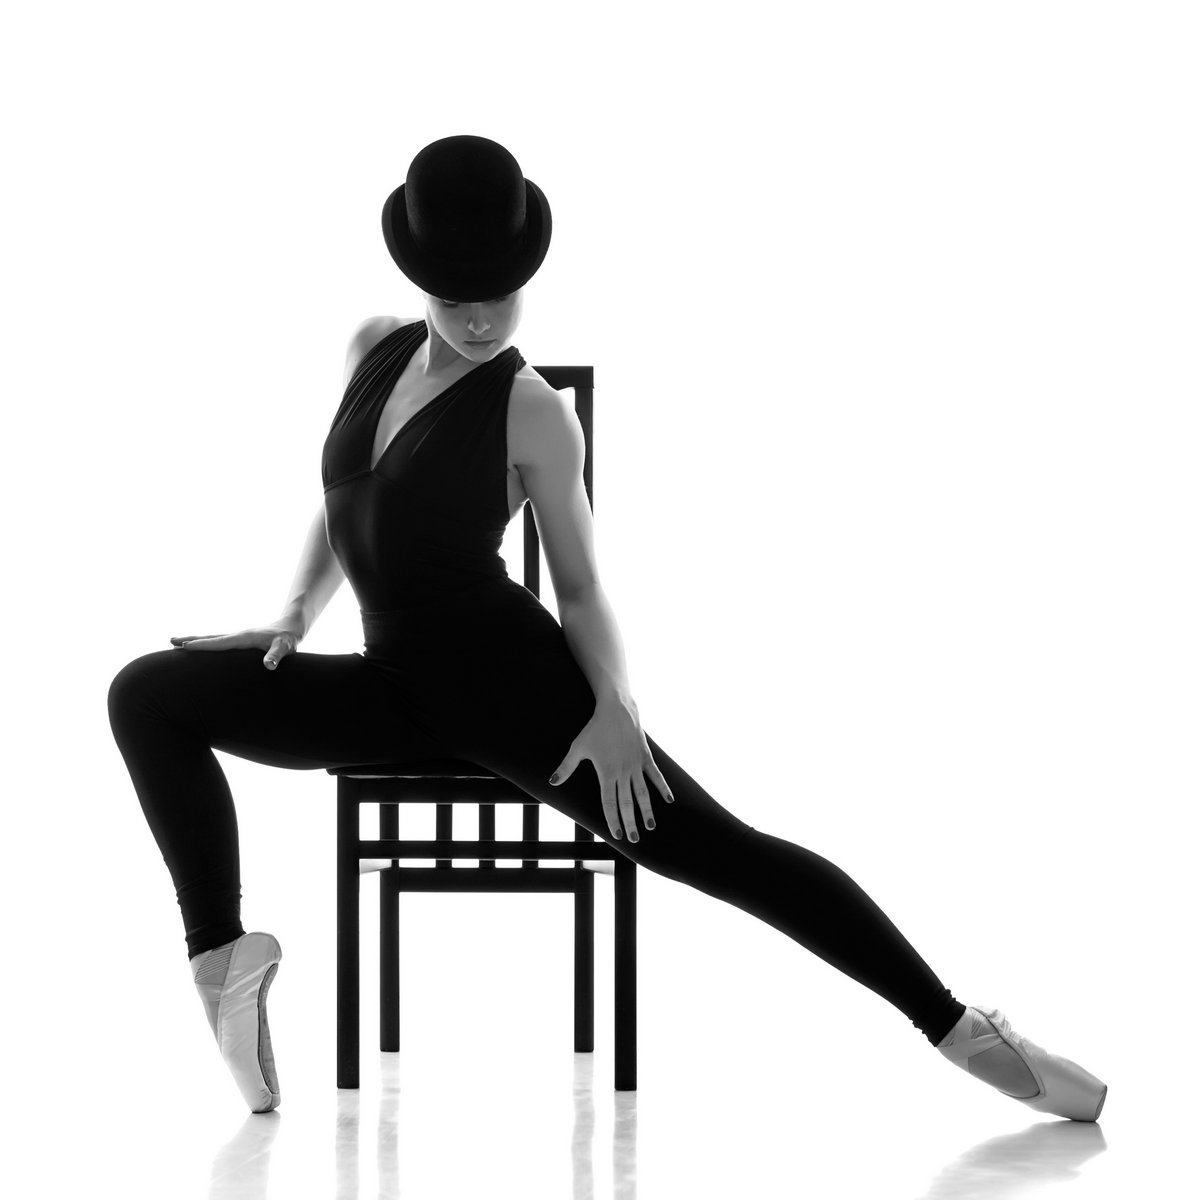 Постер Деятельность Красивая, молодая балерина, сидя на стуле., 20x20 см, на бумагеБалет<br>Постер на холсте или бумаге. Любого нужного вам размера. В раме или без. Подвес в комплекте. Трехслойная надежная упаковка. Доставим в любую точку России. Вам осталось только повесить картину на стену!<br>